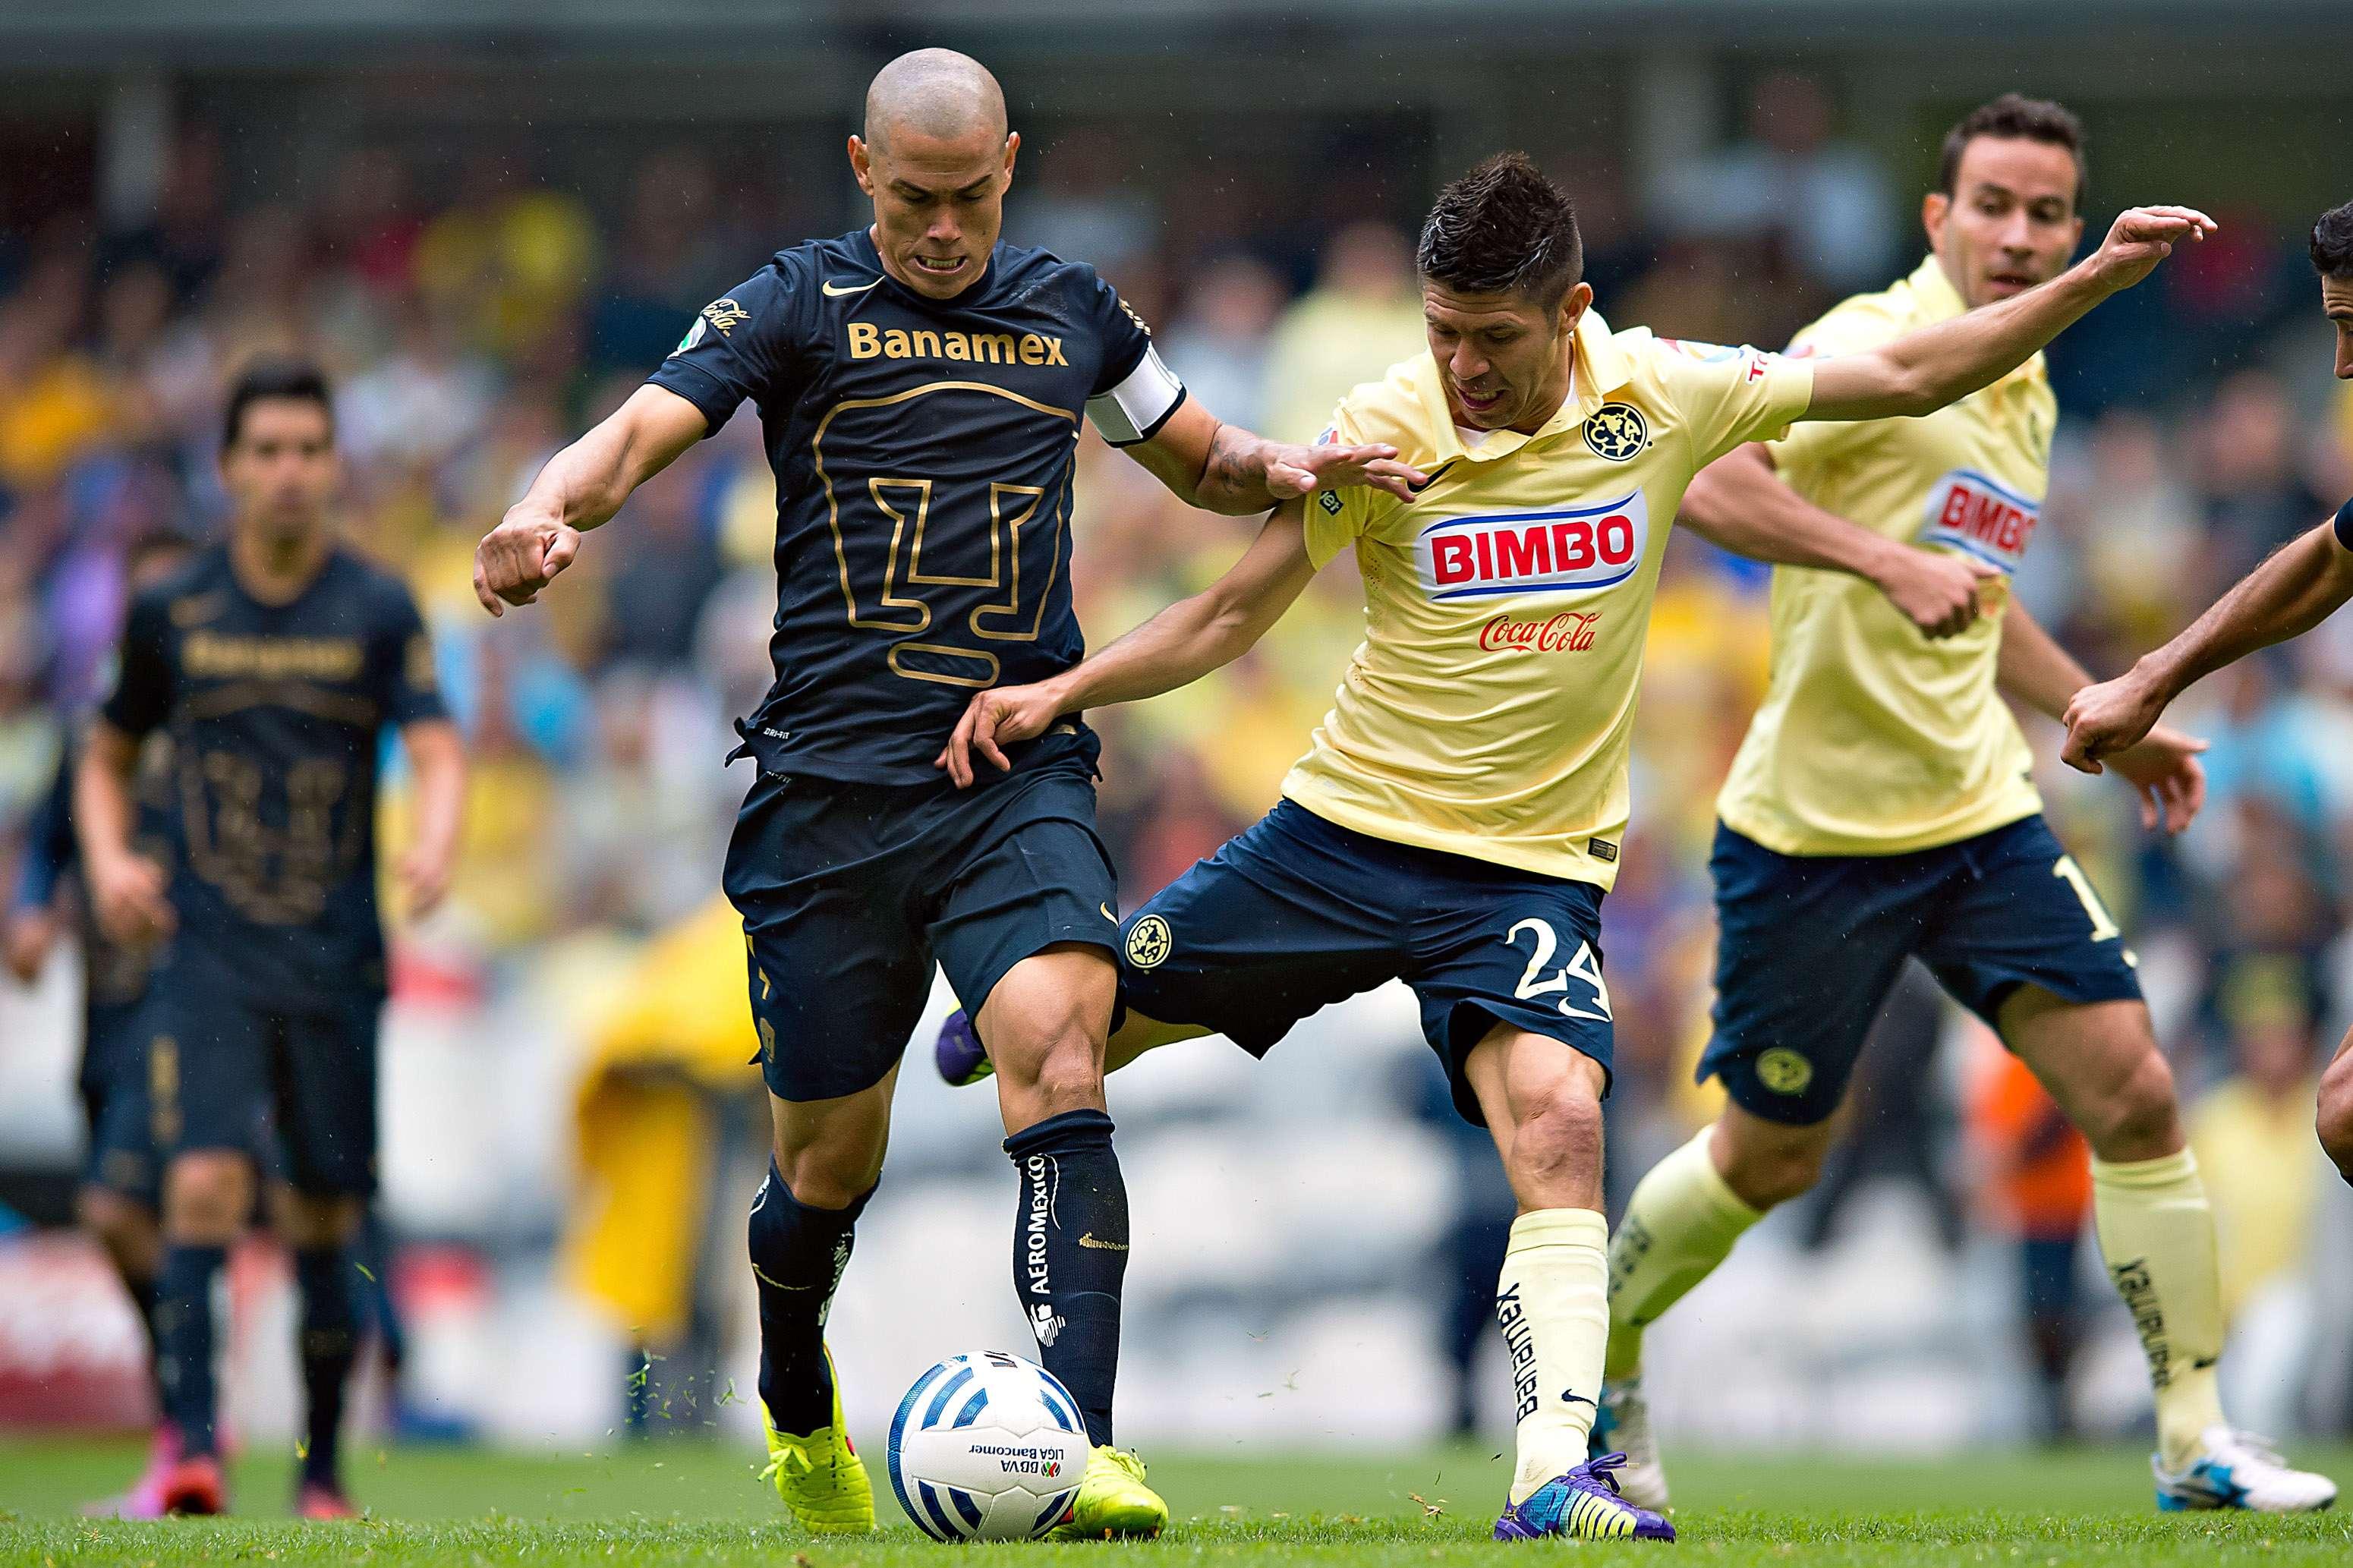 Darío Verón y Oribe Peralta son las principales figuras de Pumas y América, en el duelo de cuartos de final del Apertura 2014. Foto: Mexsport